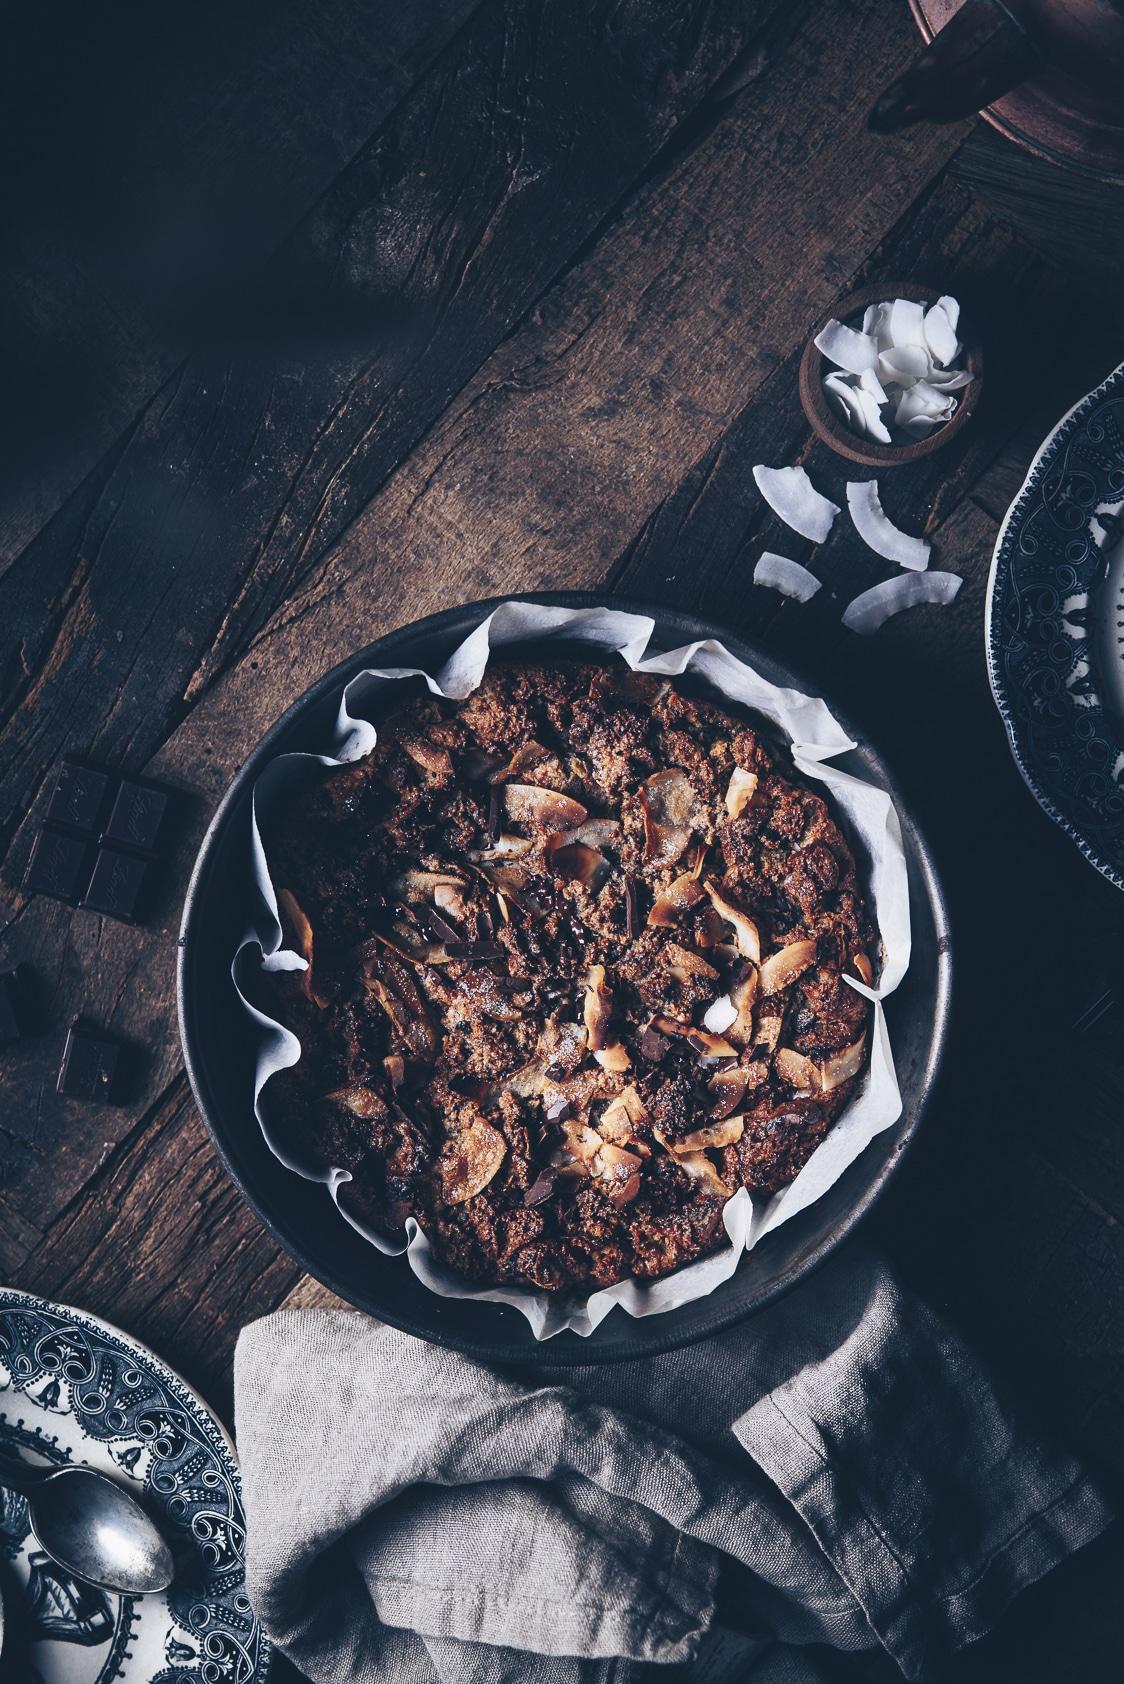 La recette idéale pour cuisiner des restes de brioche